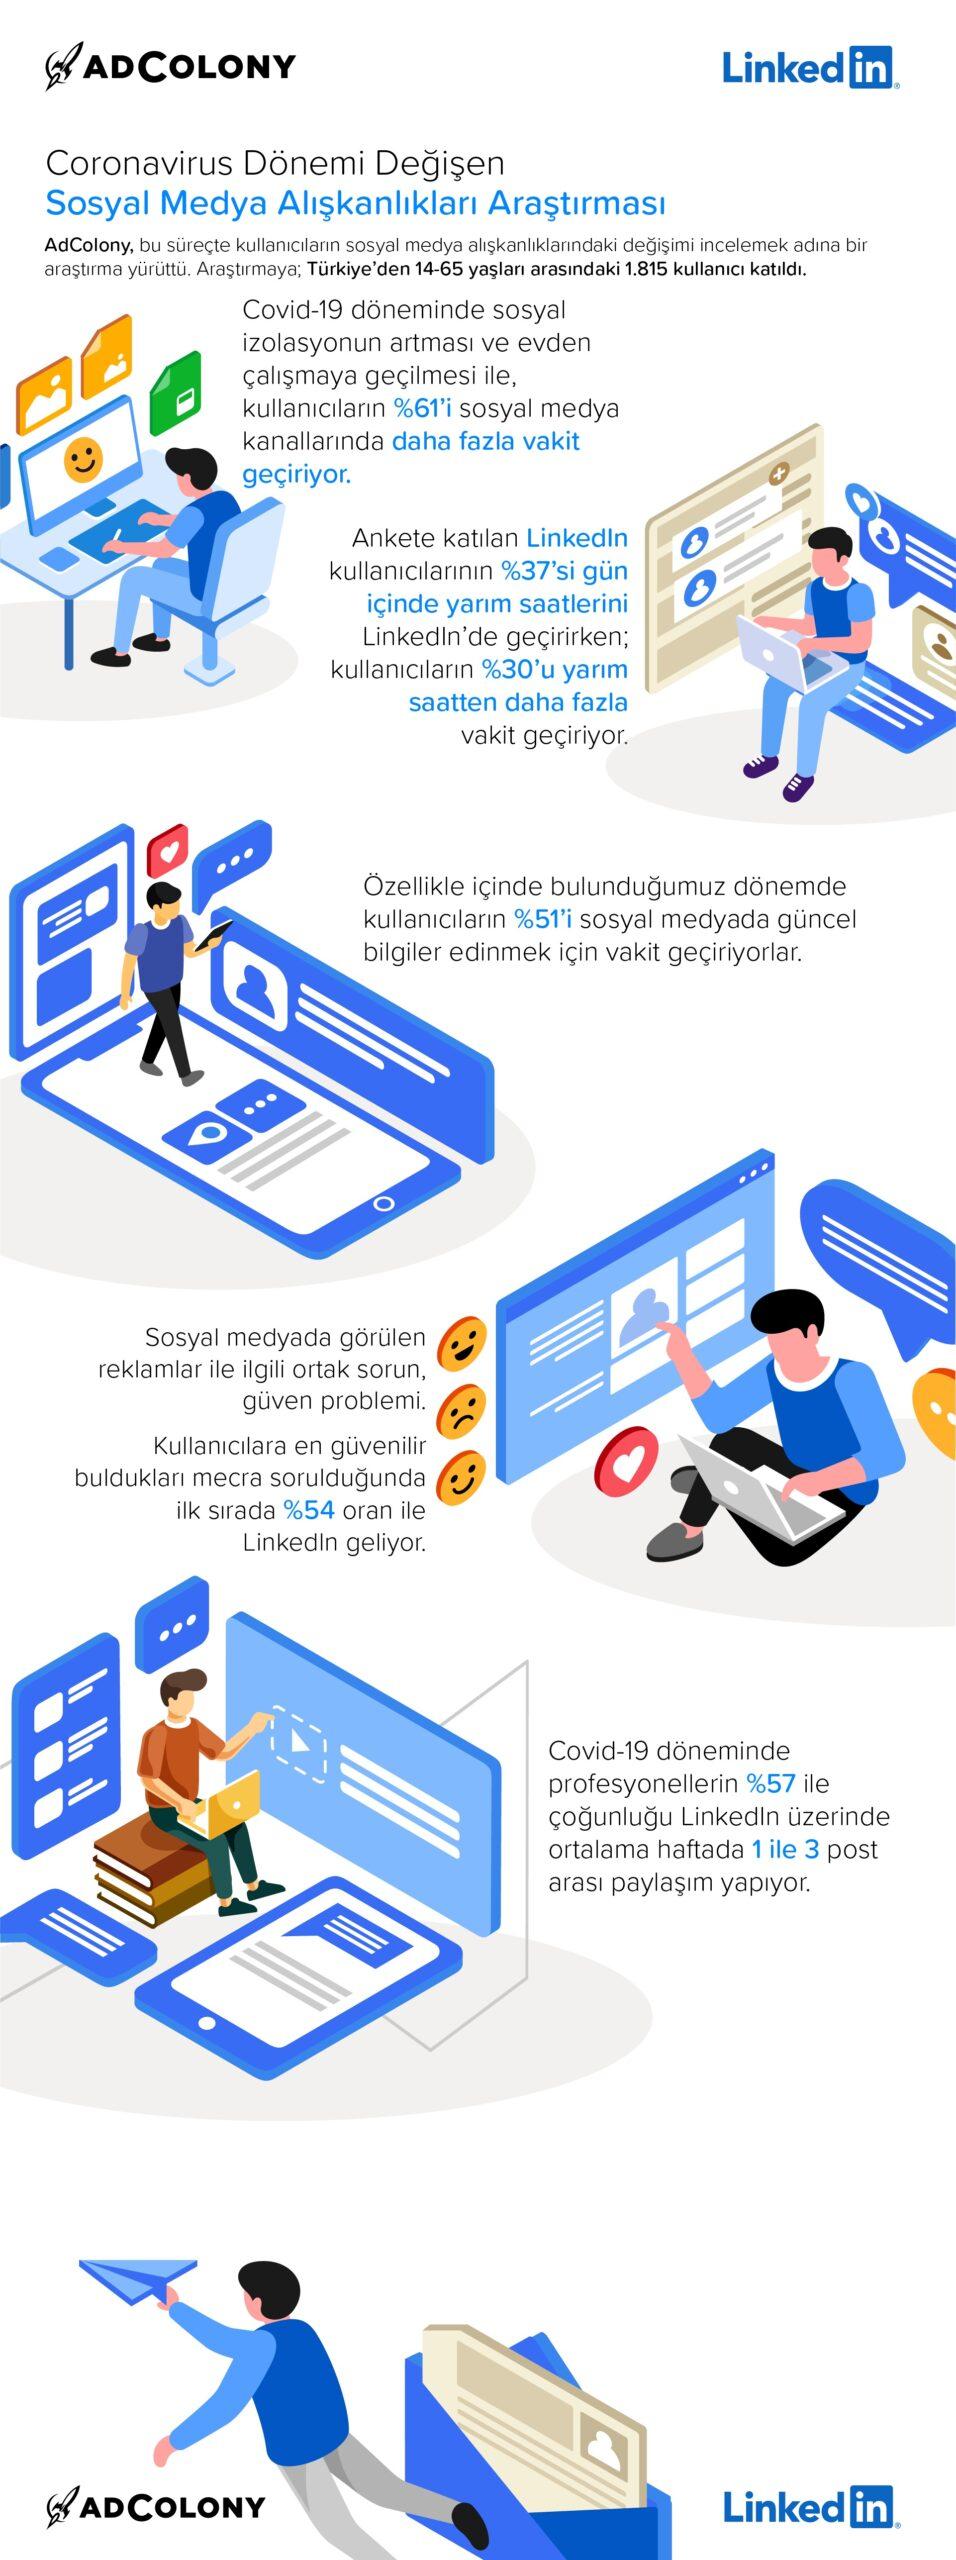 Covid-19 Sosyal Medya Alışkanlıklarımızı Nasıl Değiştirdi? [InfoGrafik]